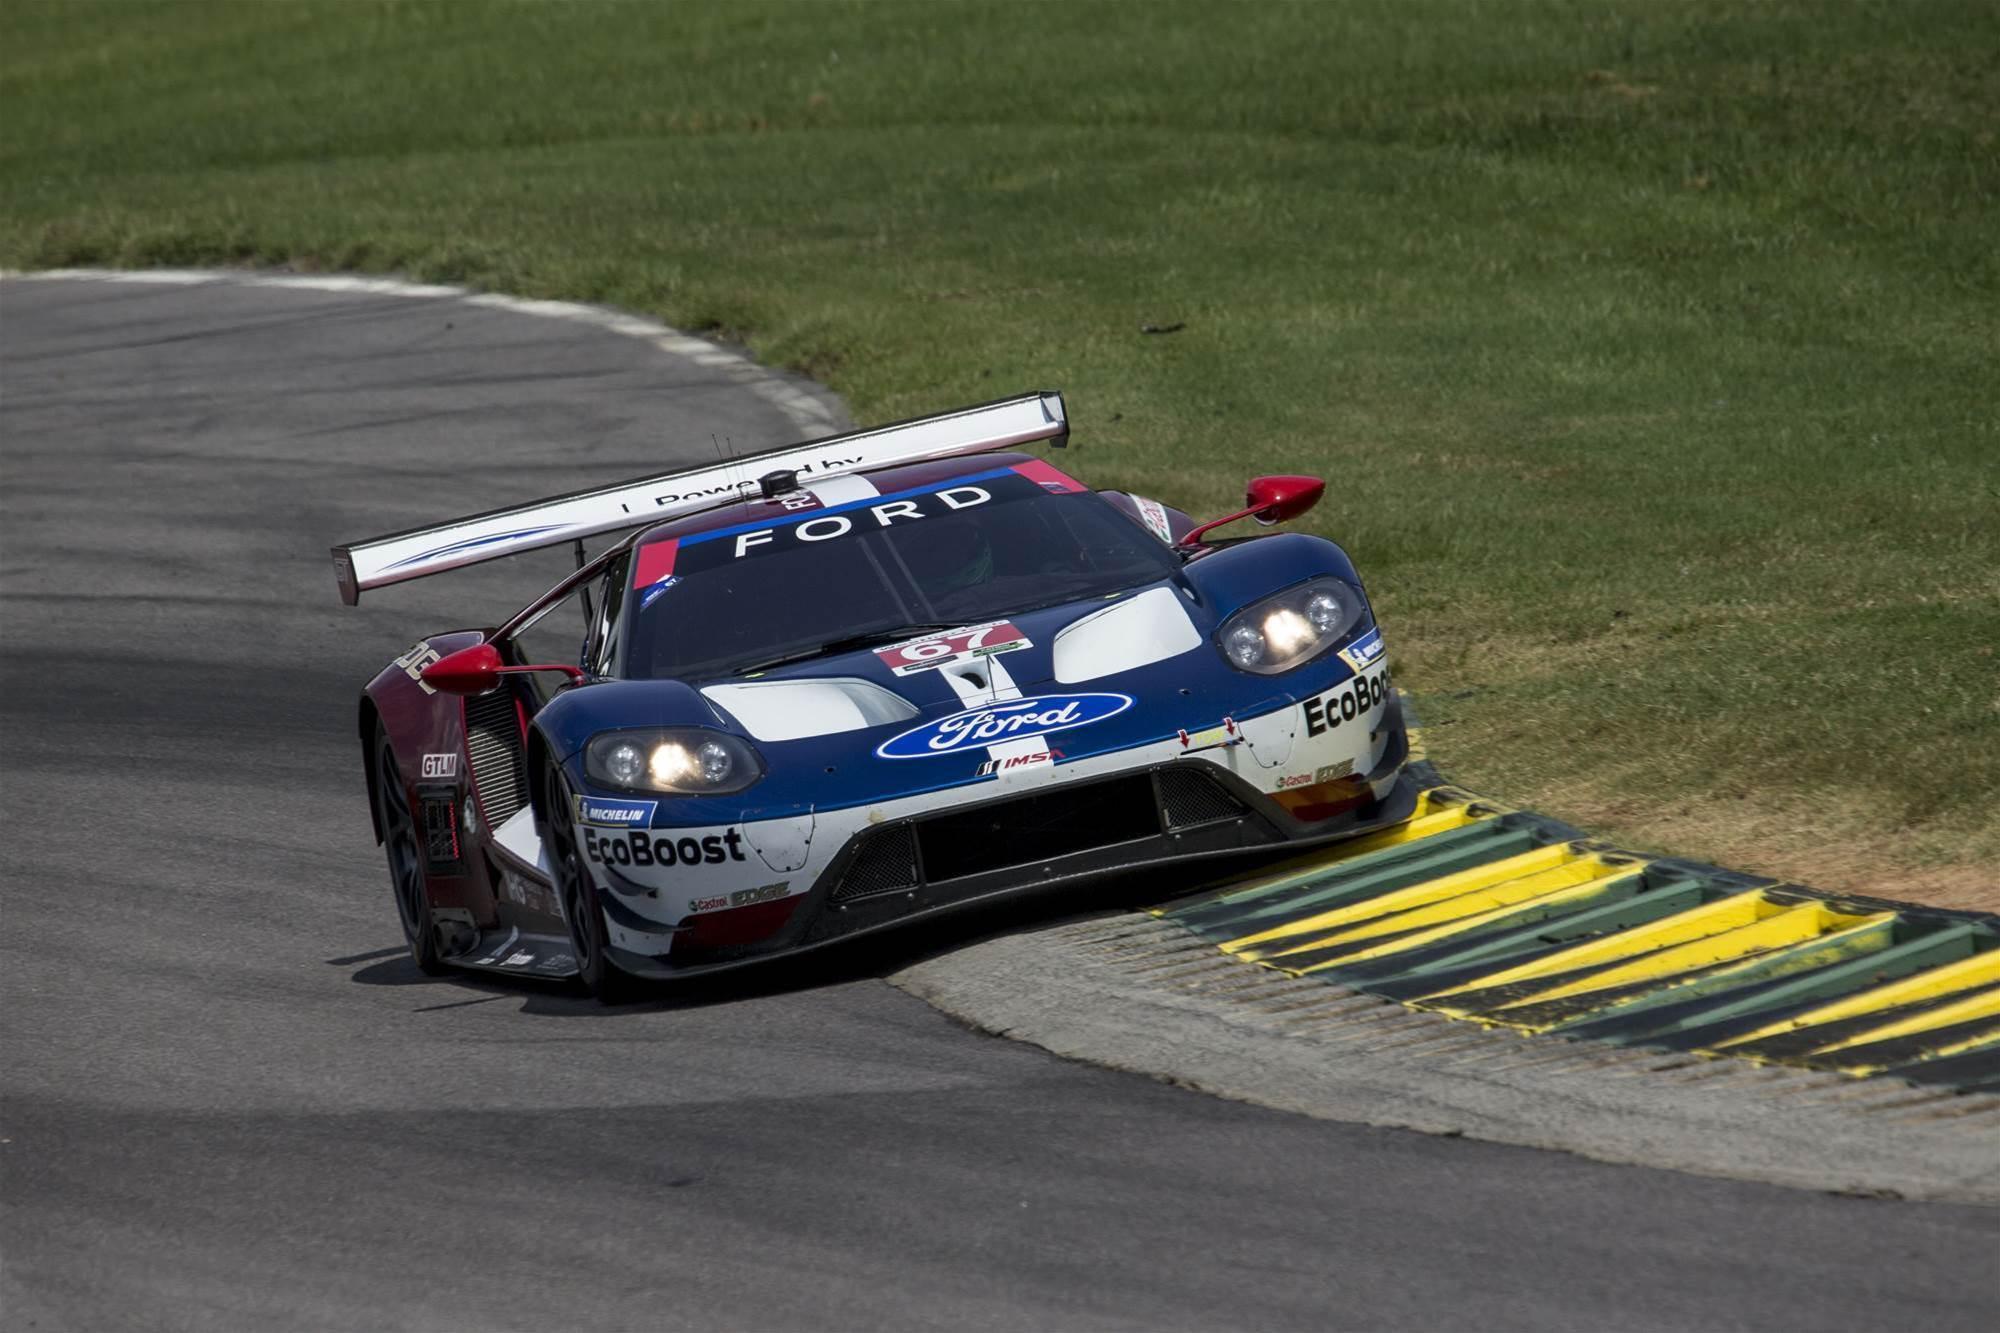 Le Mans Ford GT set for October Bathurst